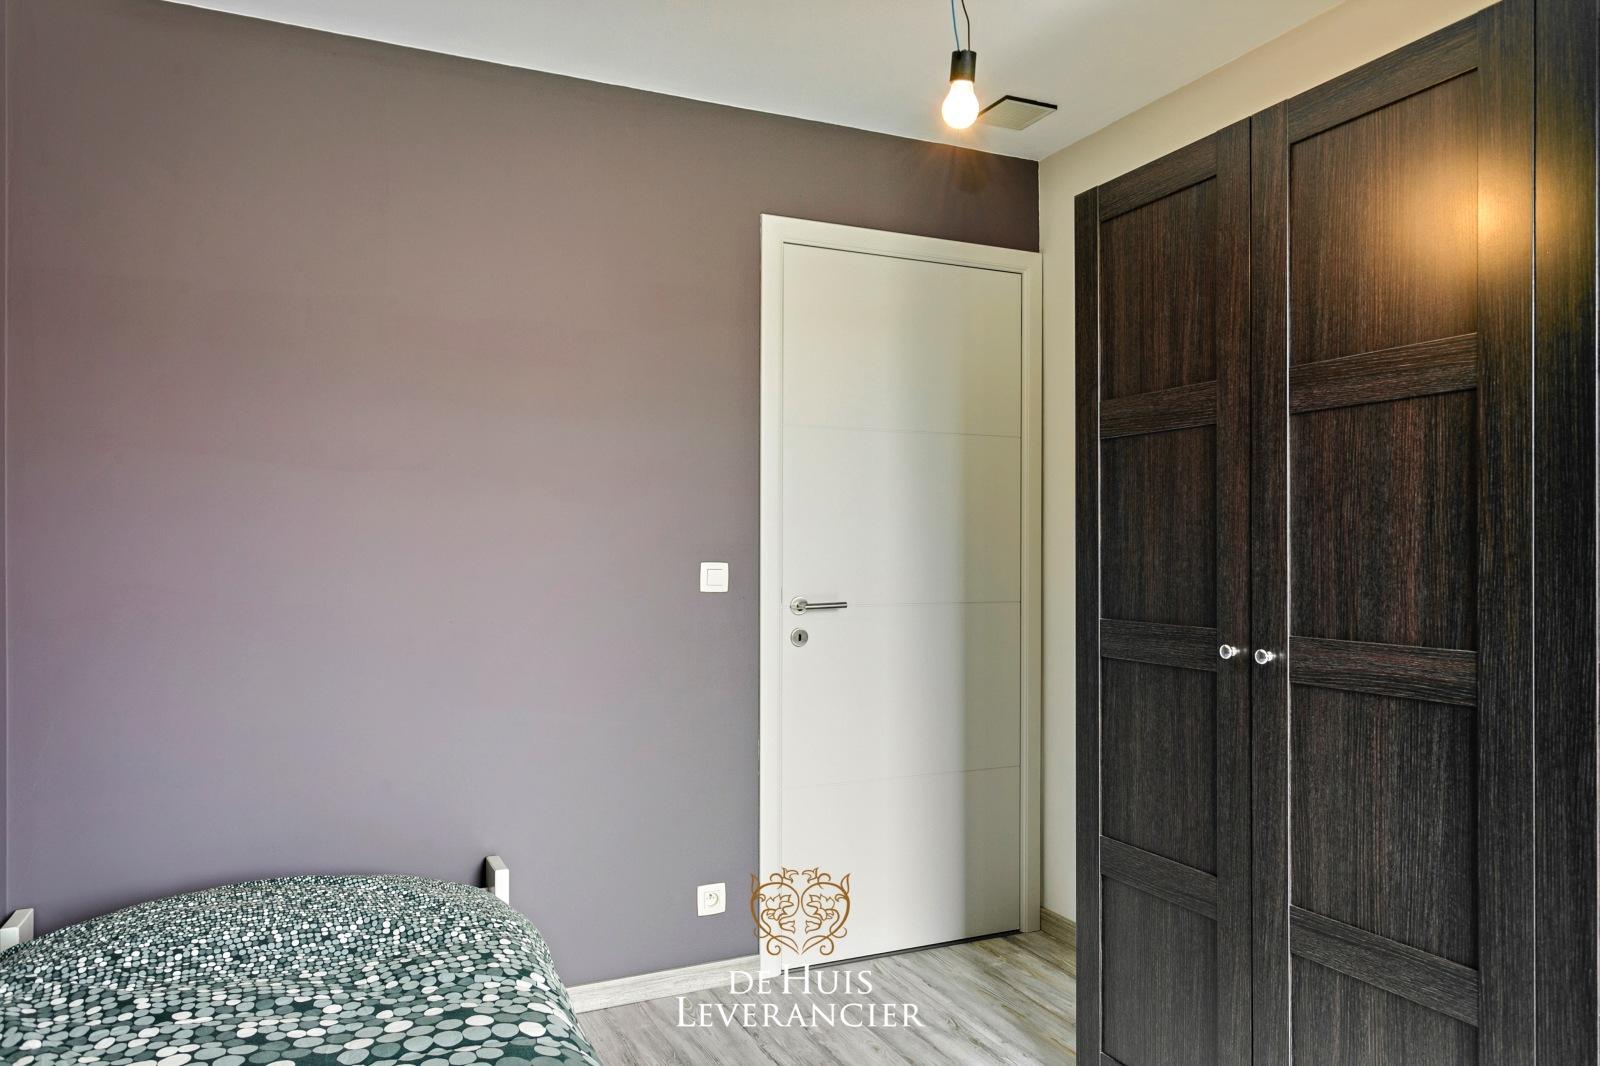 Appartement Viersel 2240